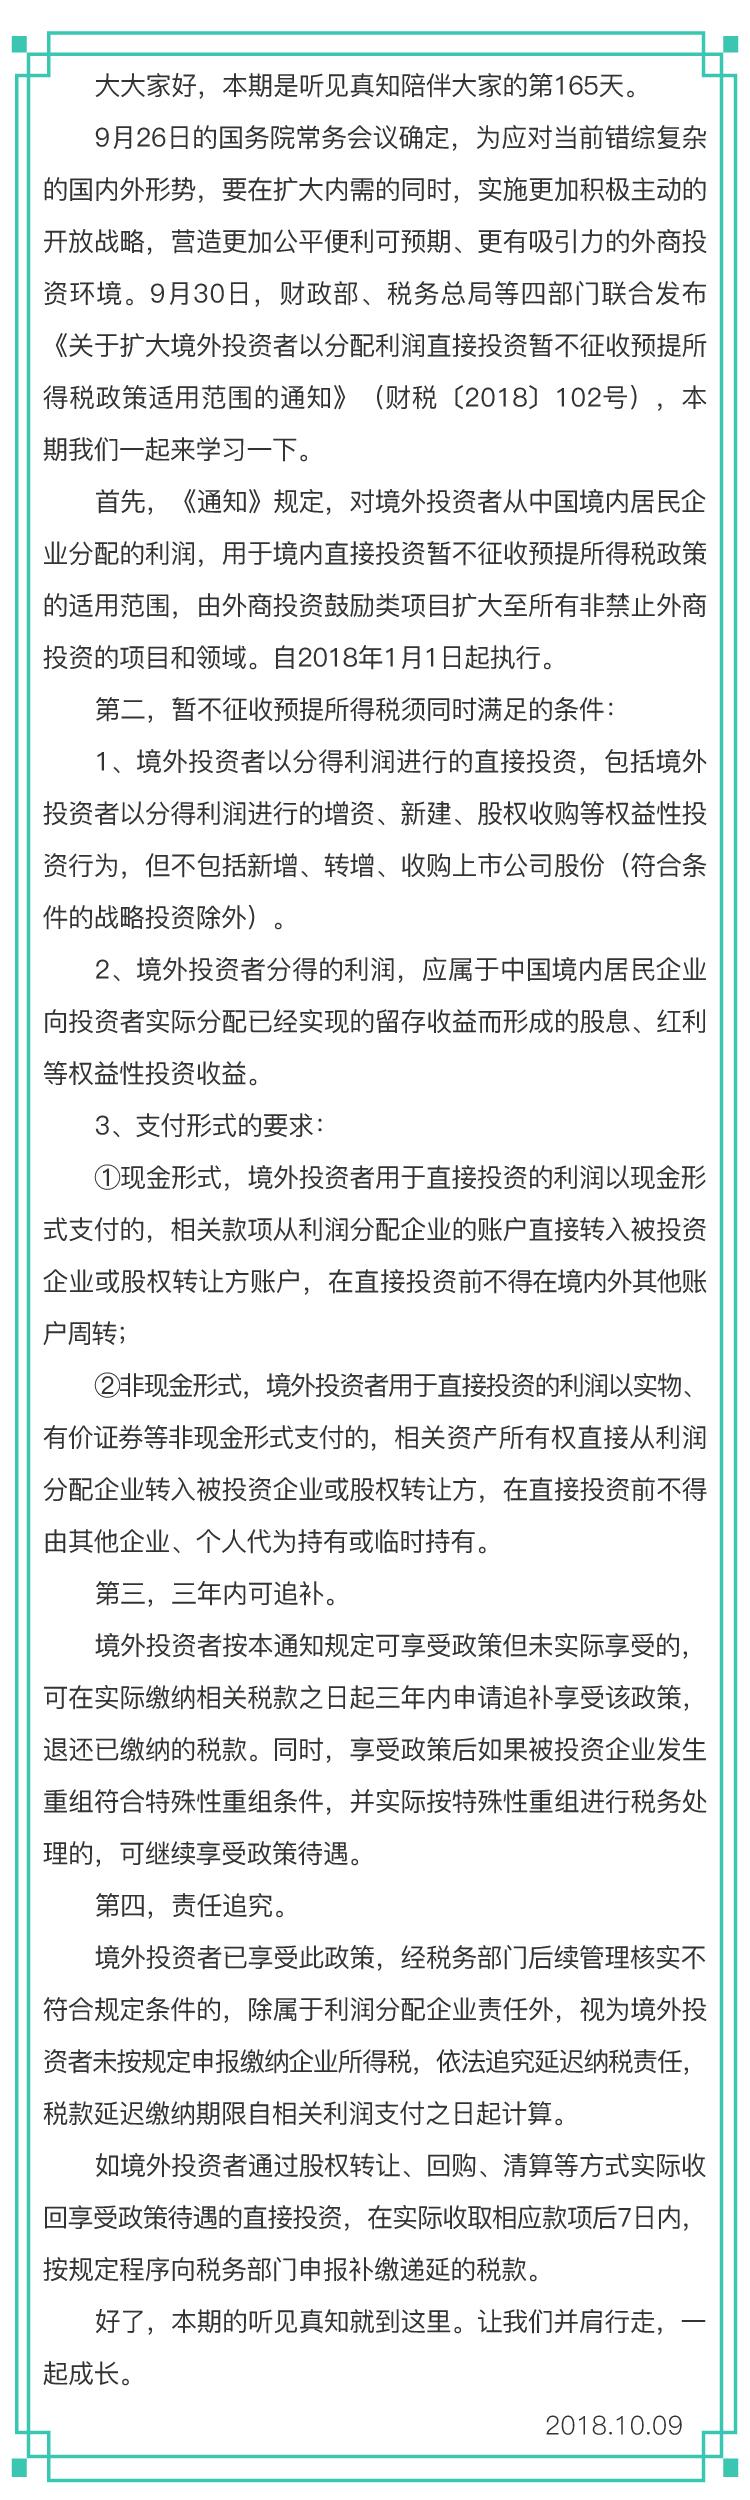 听见真知内文-1(7).jpg